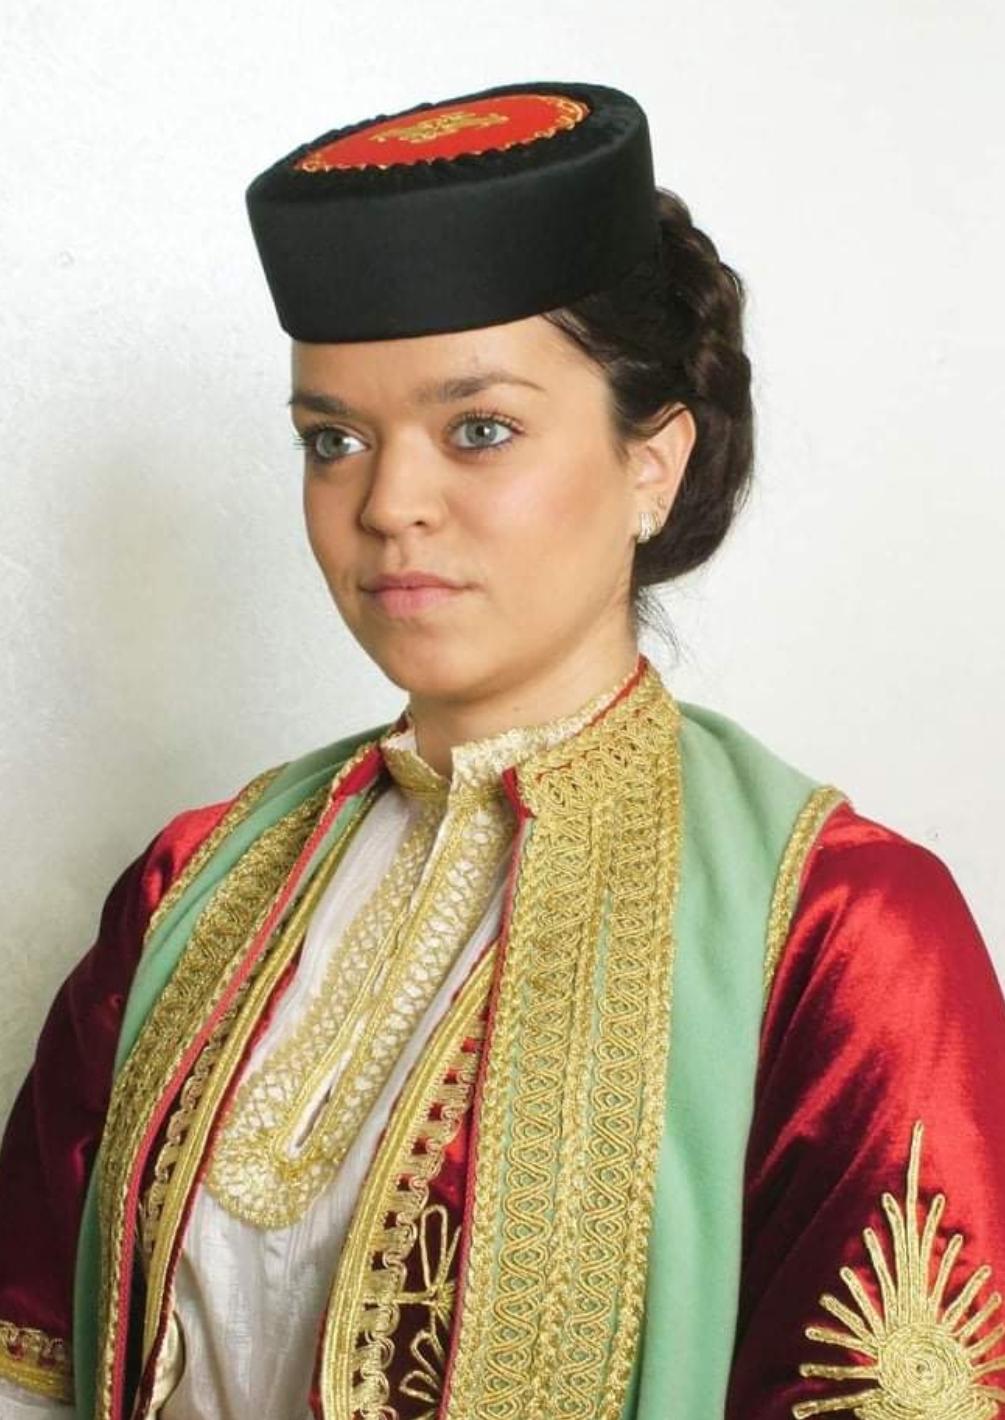 Александра Пешић: Пјесникиња чије пјесме носе родољубиви набој и снажни патриотски призвук.